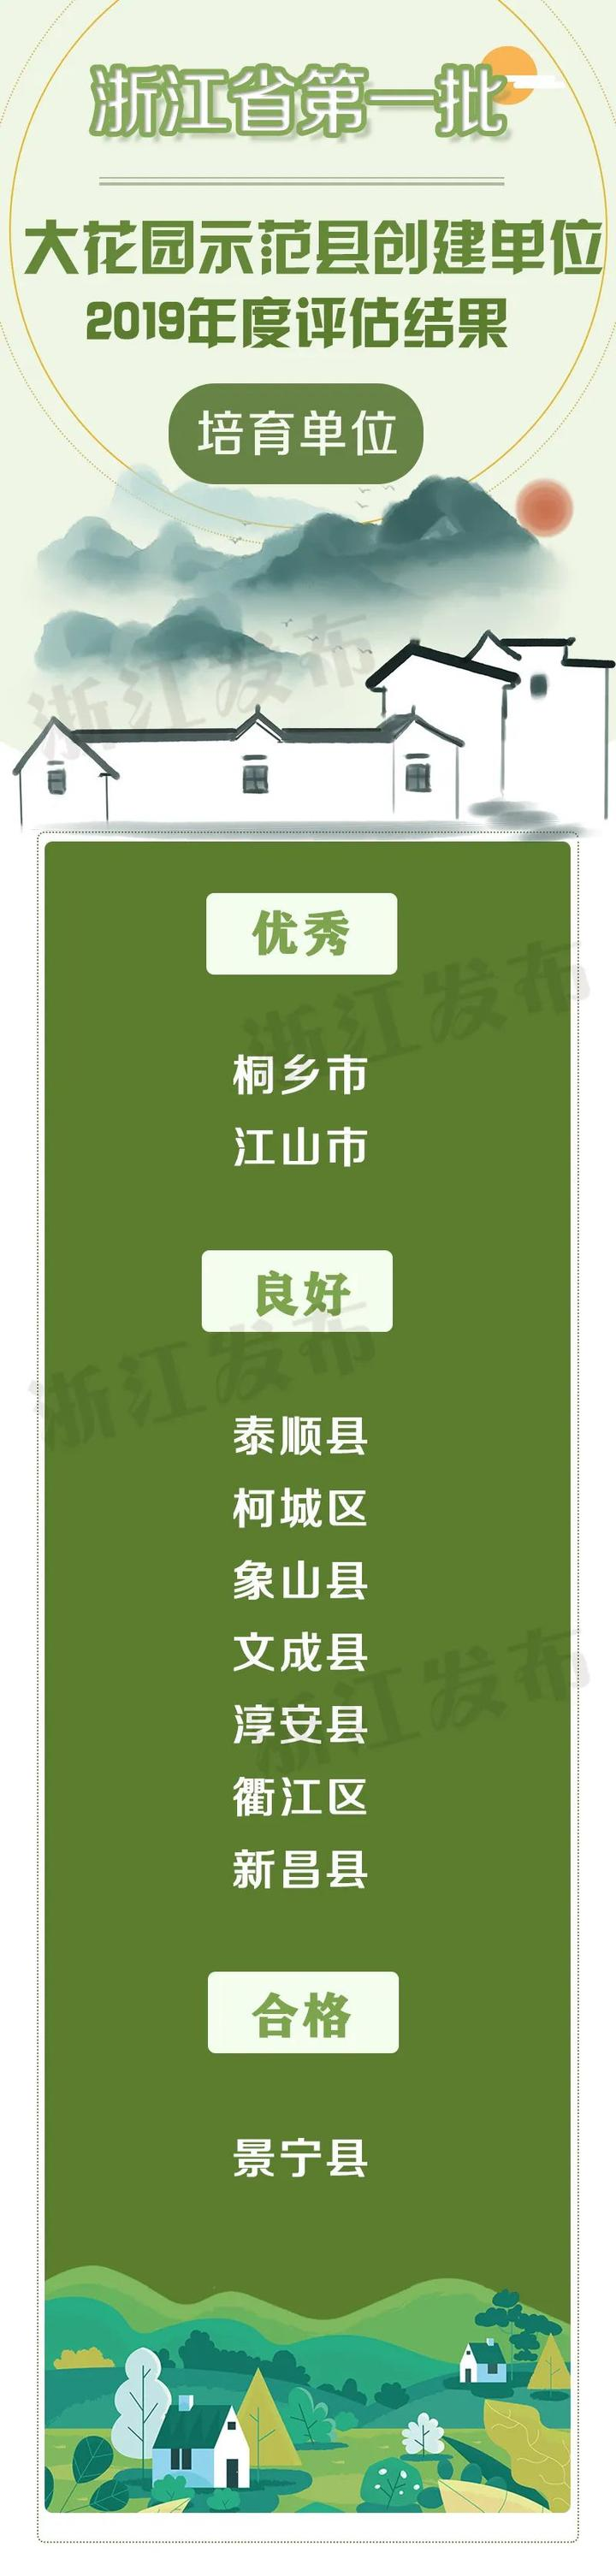 【浙江榜单】2019年度浙江省大花园示范县创建建设单位和培育单位各10家